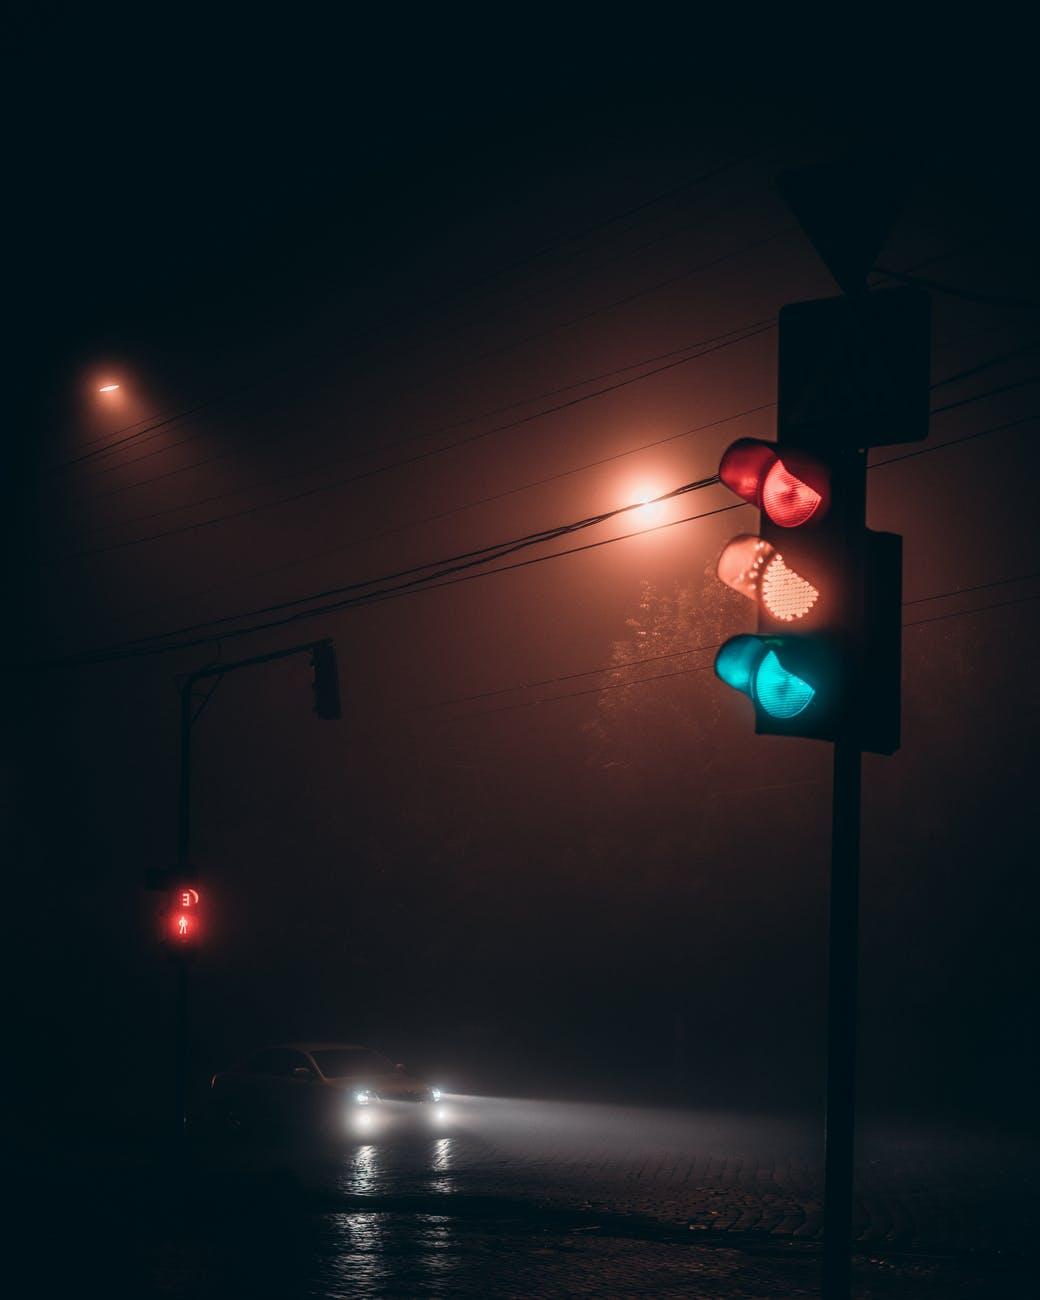 traffic light on road at night